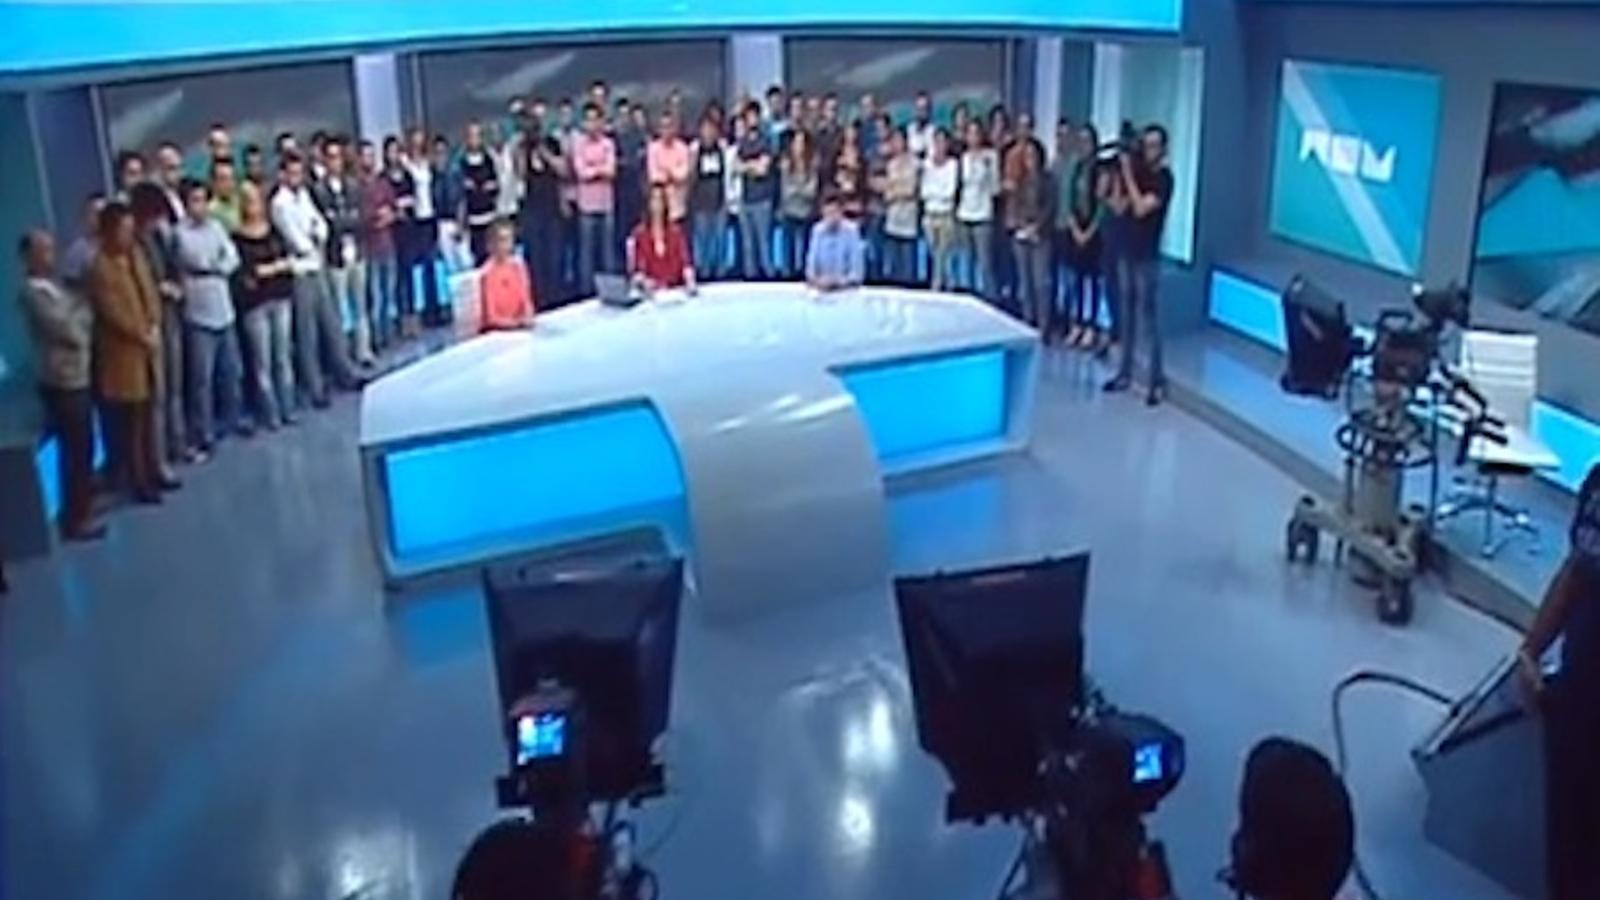 Els treballadors es neguen a posar fi a les emissions de Radiotelevisió Valenciana